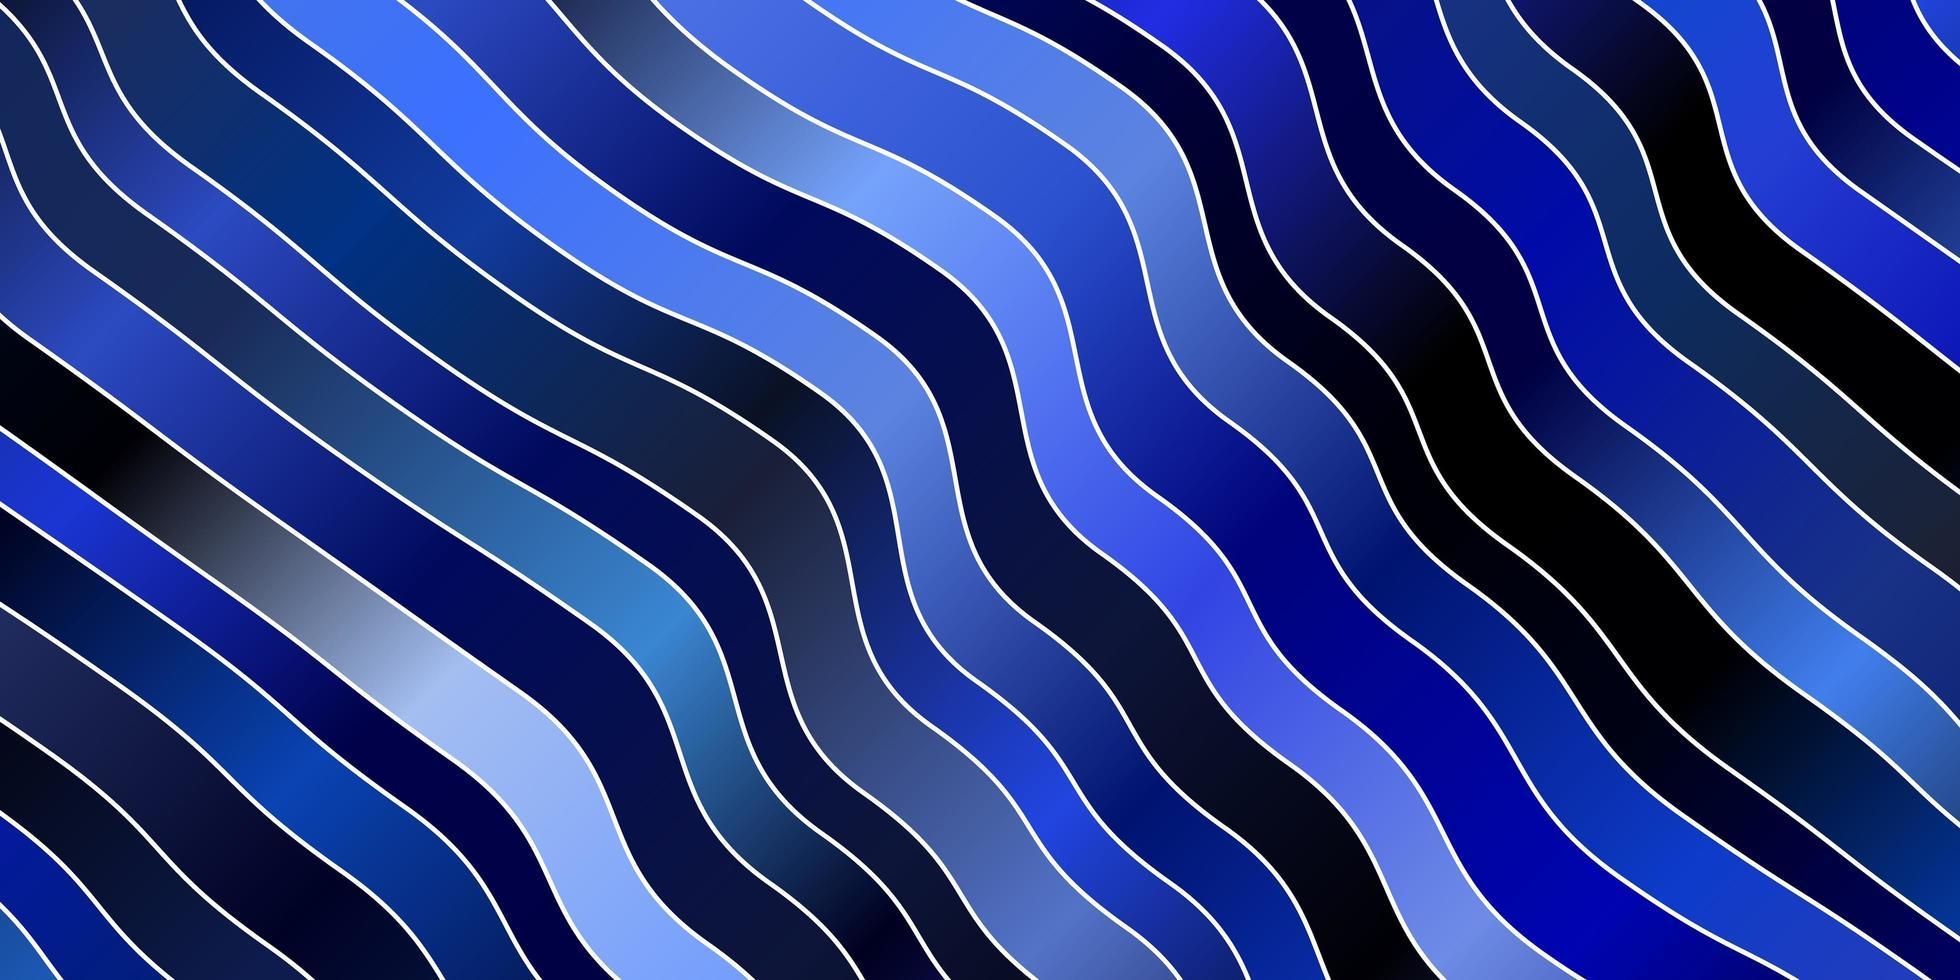 blå bakgrund med bågar. vektor